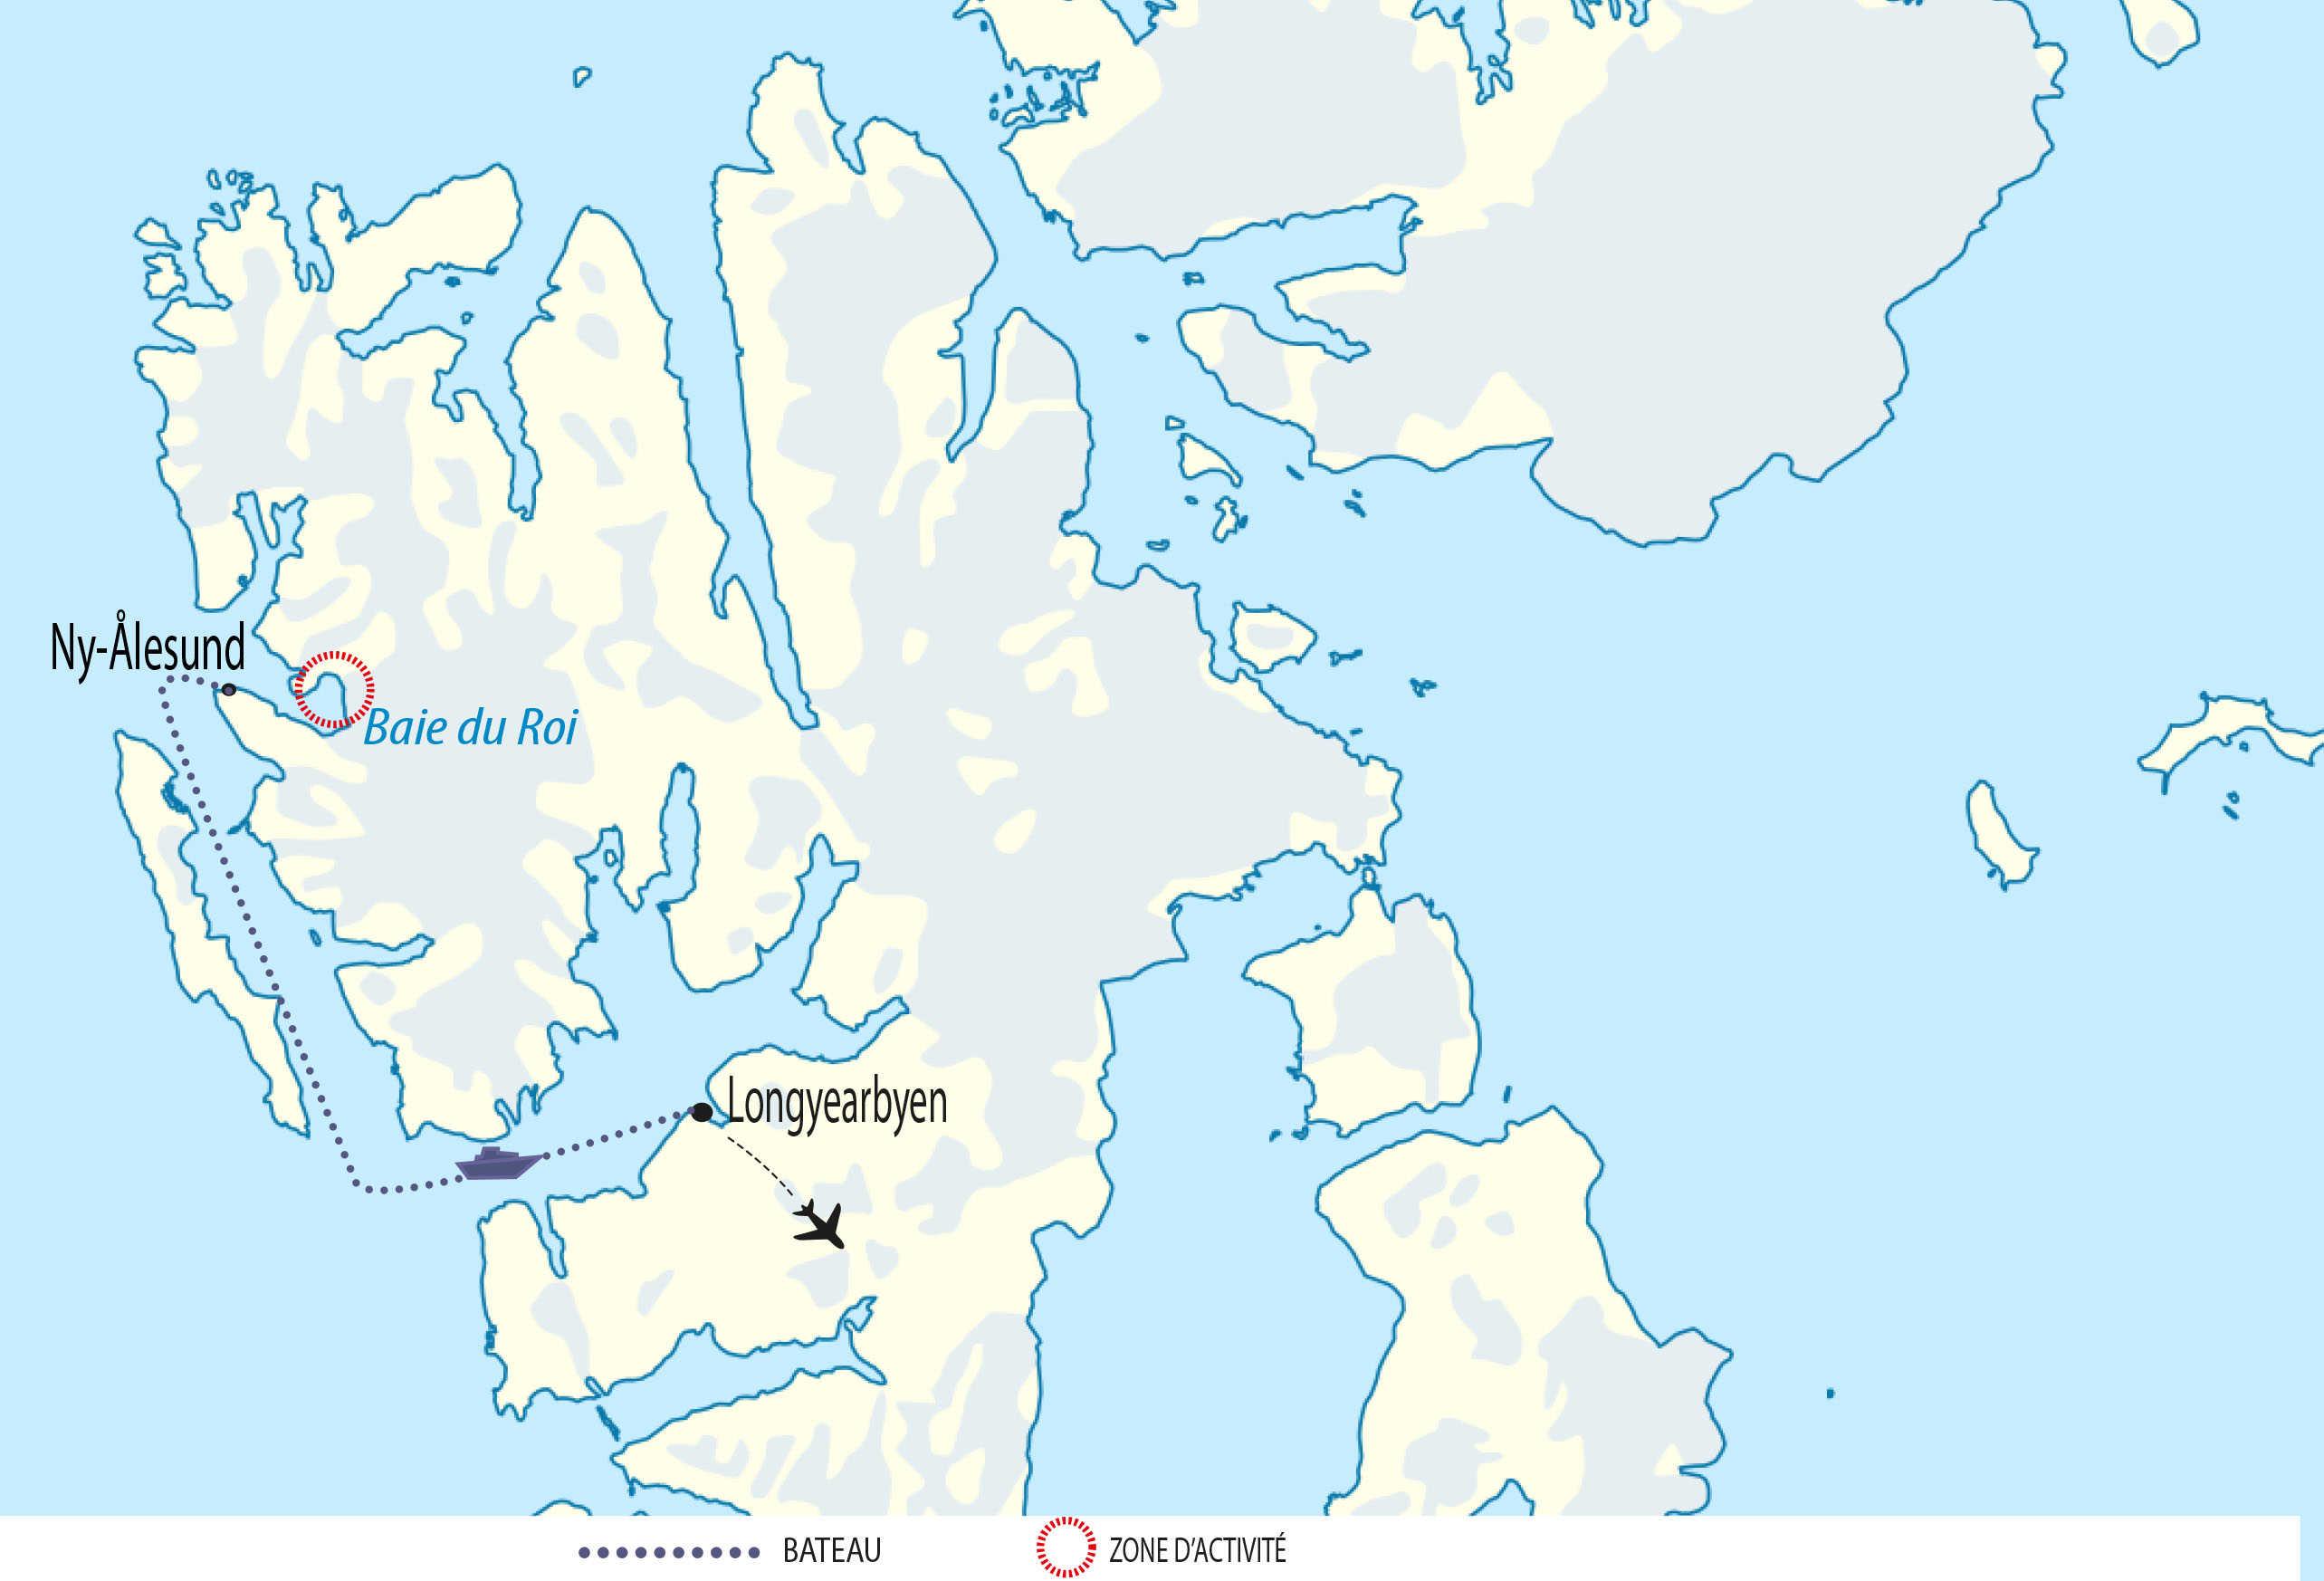 Trajet en bateau pour notre expédition Baie du Roi